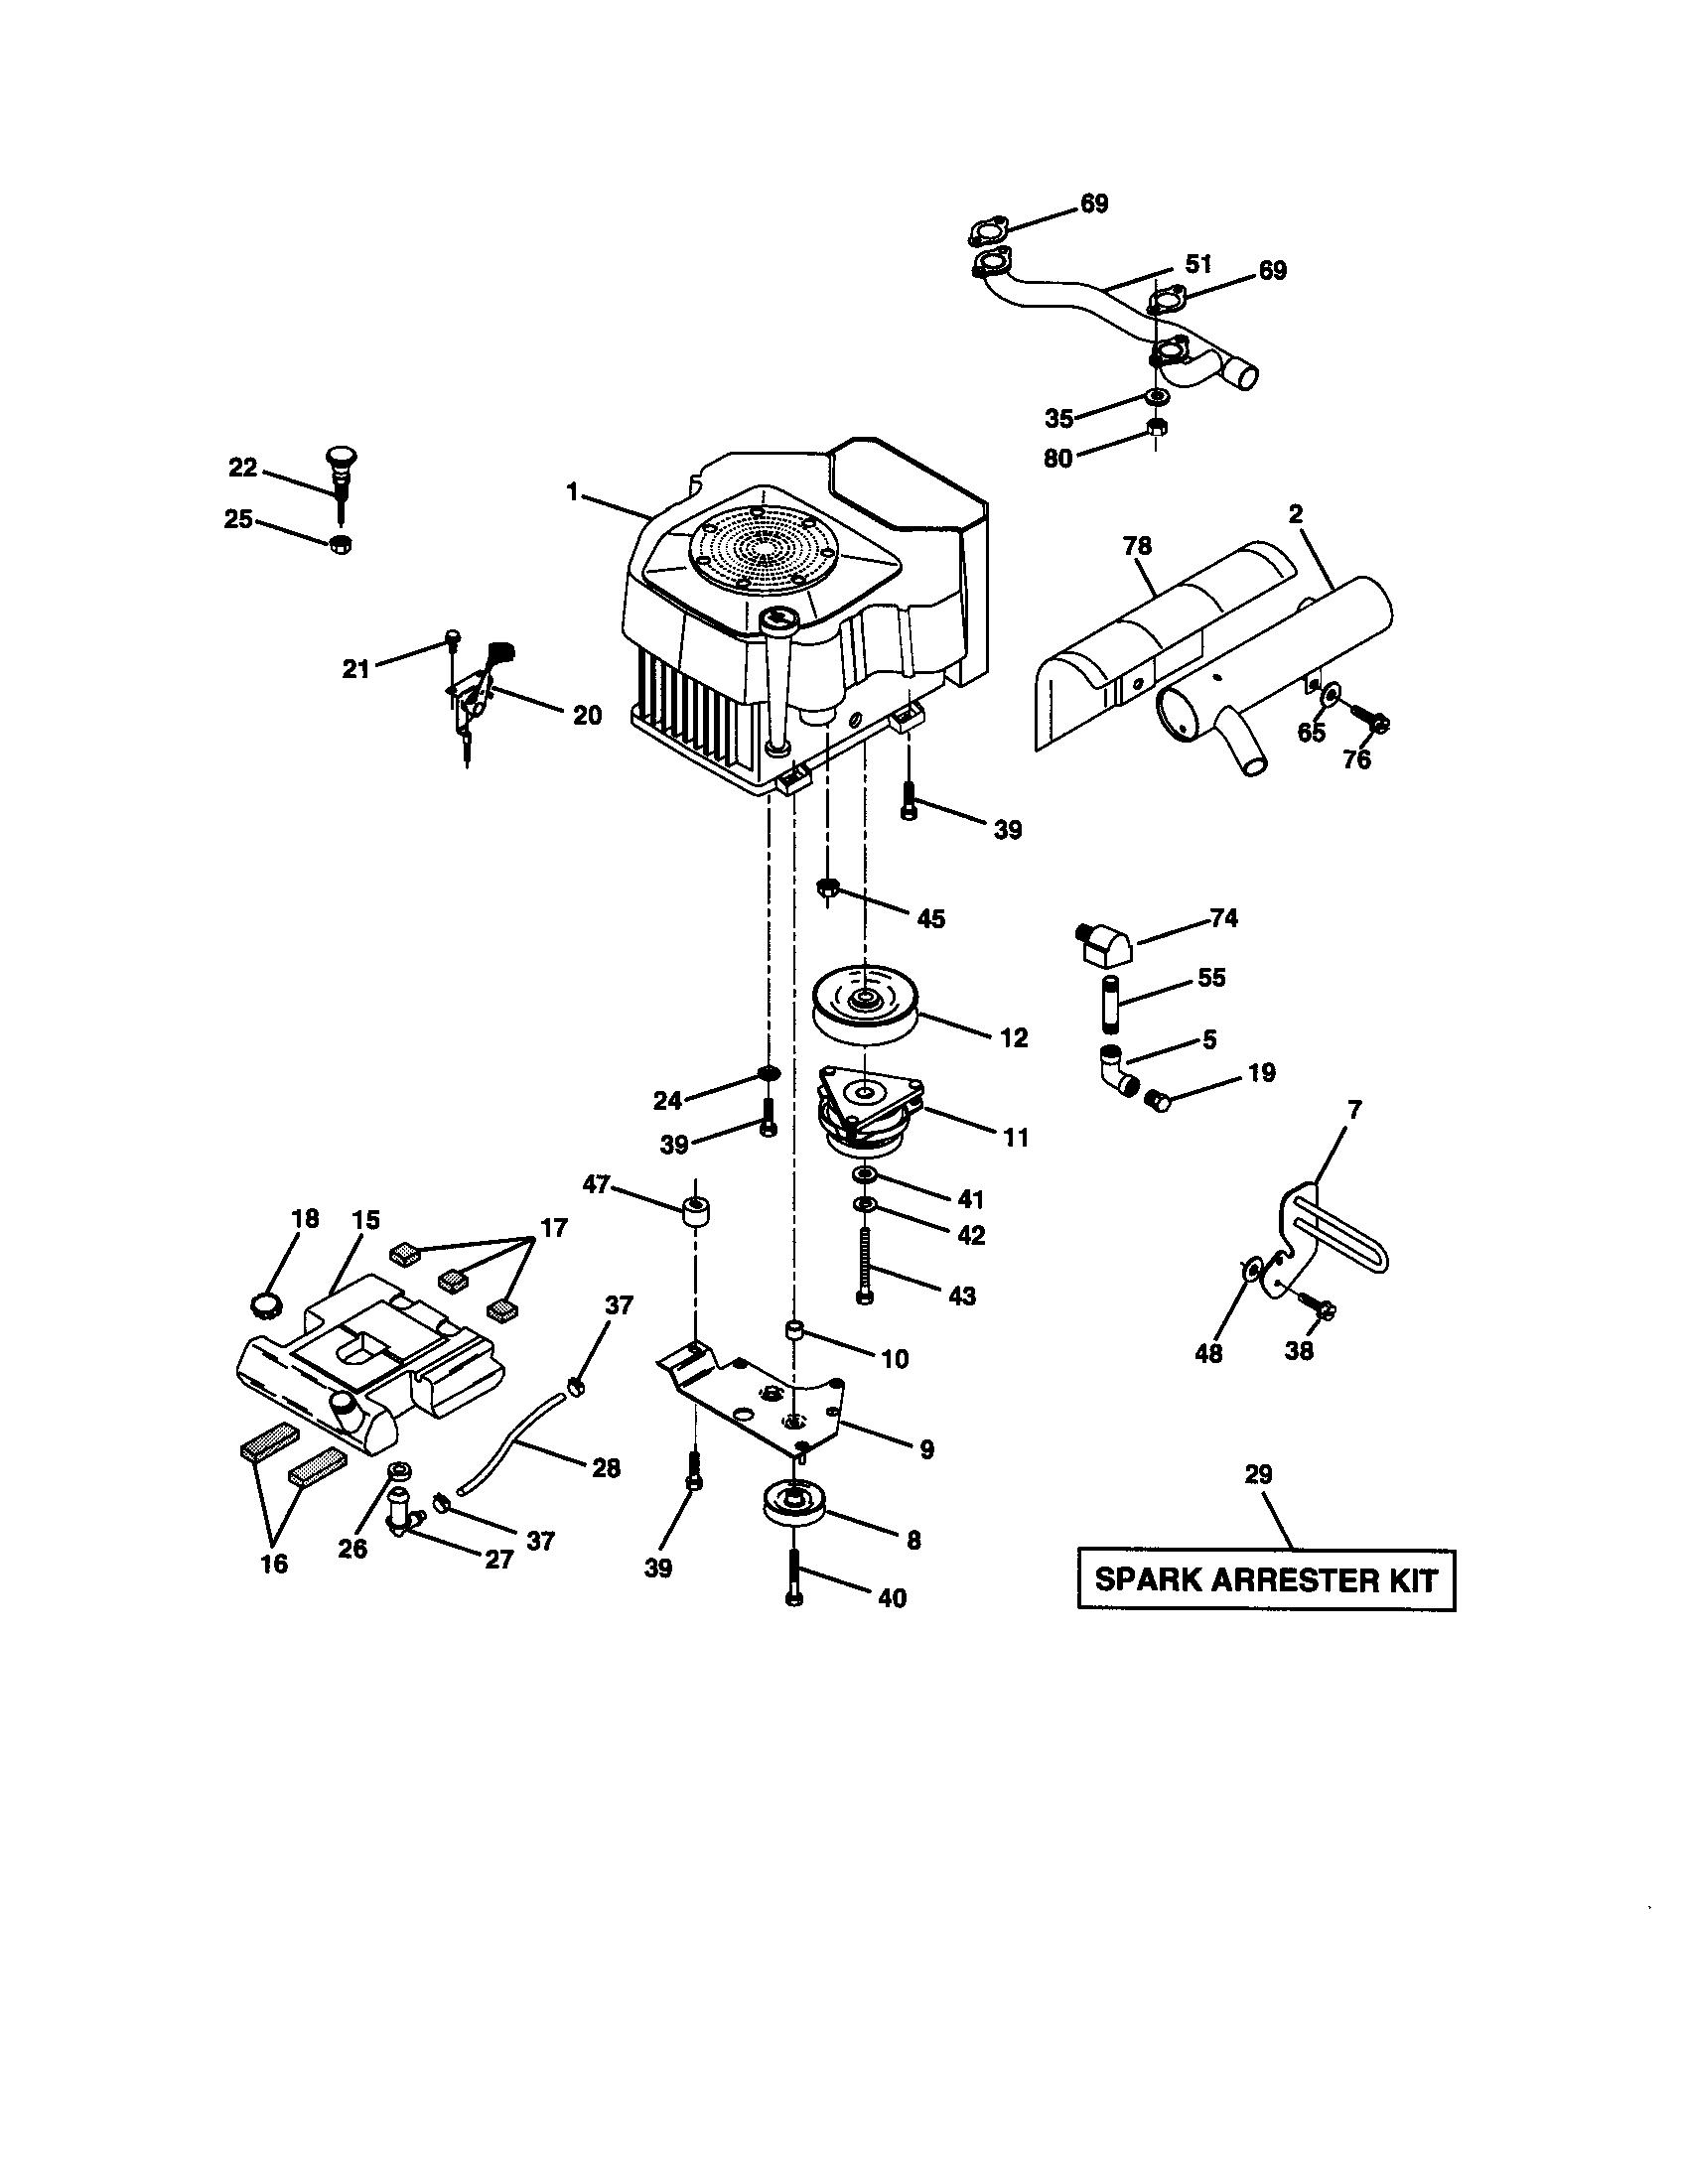 ENGINE Diagram & Parts List for Model 917273090 Craftsman